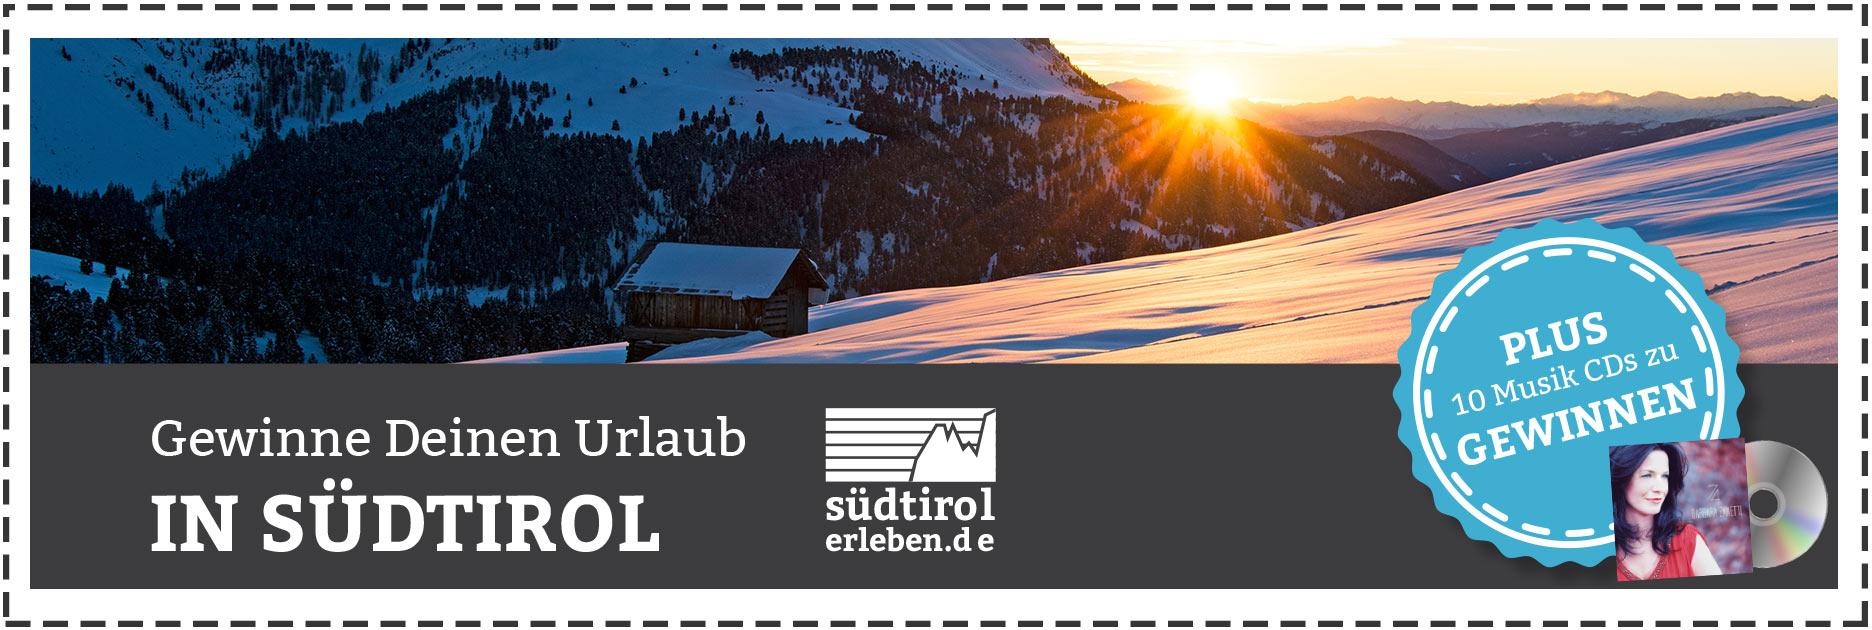 Südtirol Dezember Gewinnspiel